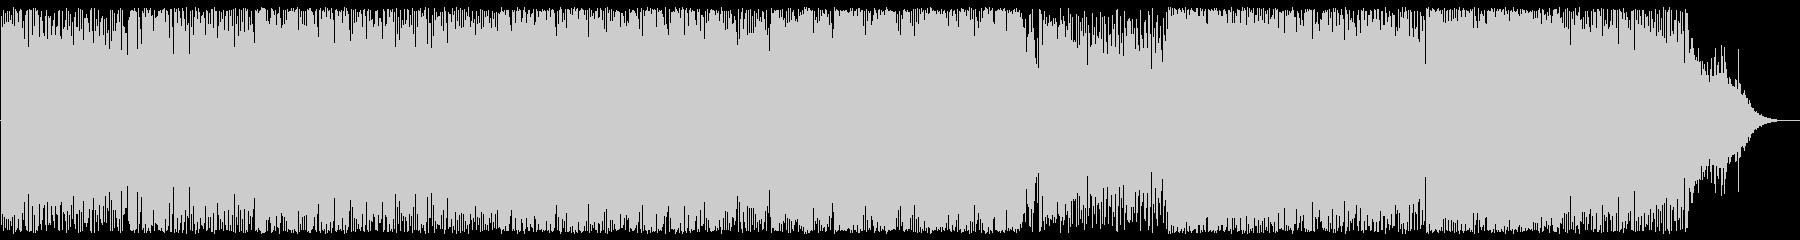 艶やかで軽快なテクノビートポップサウンドの未再生の波形